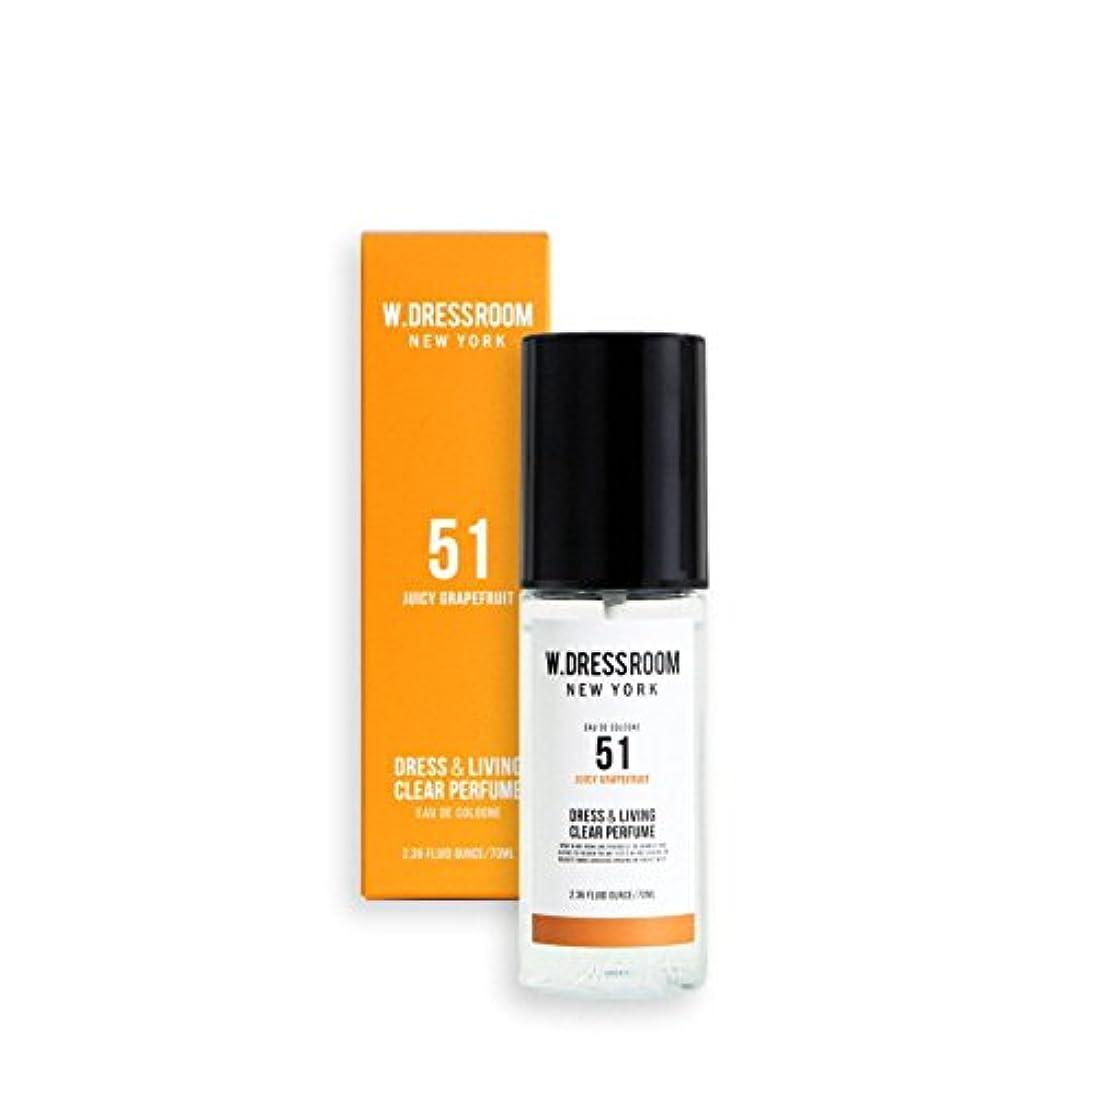 現像摘む思慮のないW.DRESSROOM Dress & Living Clear Perfume fragrance 70ml (#No.51 Juicy Grapefruit)/ダブルドレスルーム ドレス&リビング クリア パフューム...